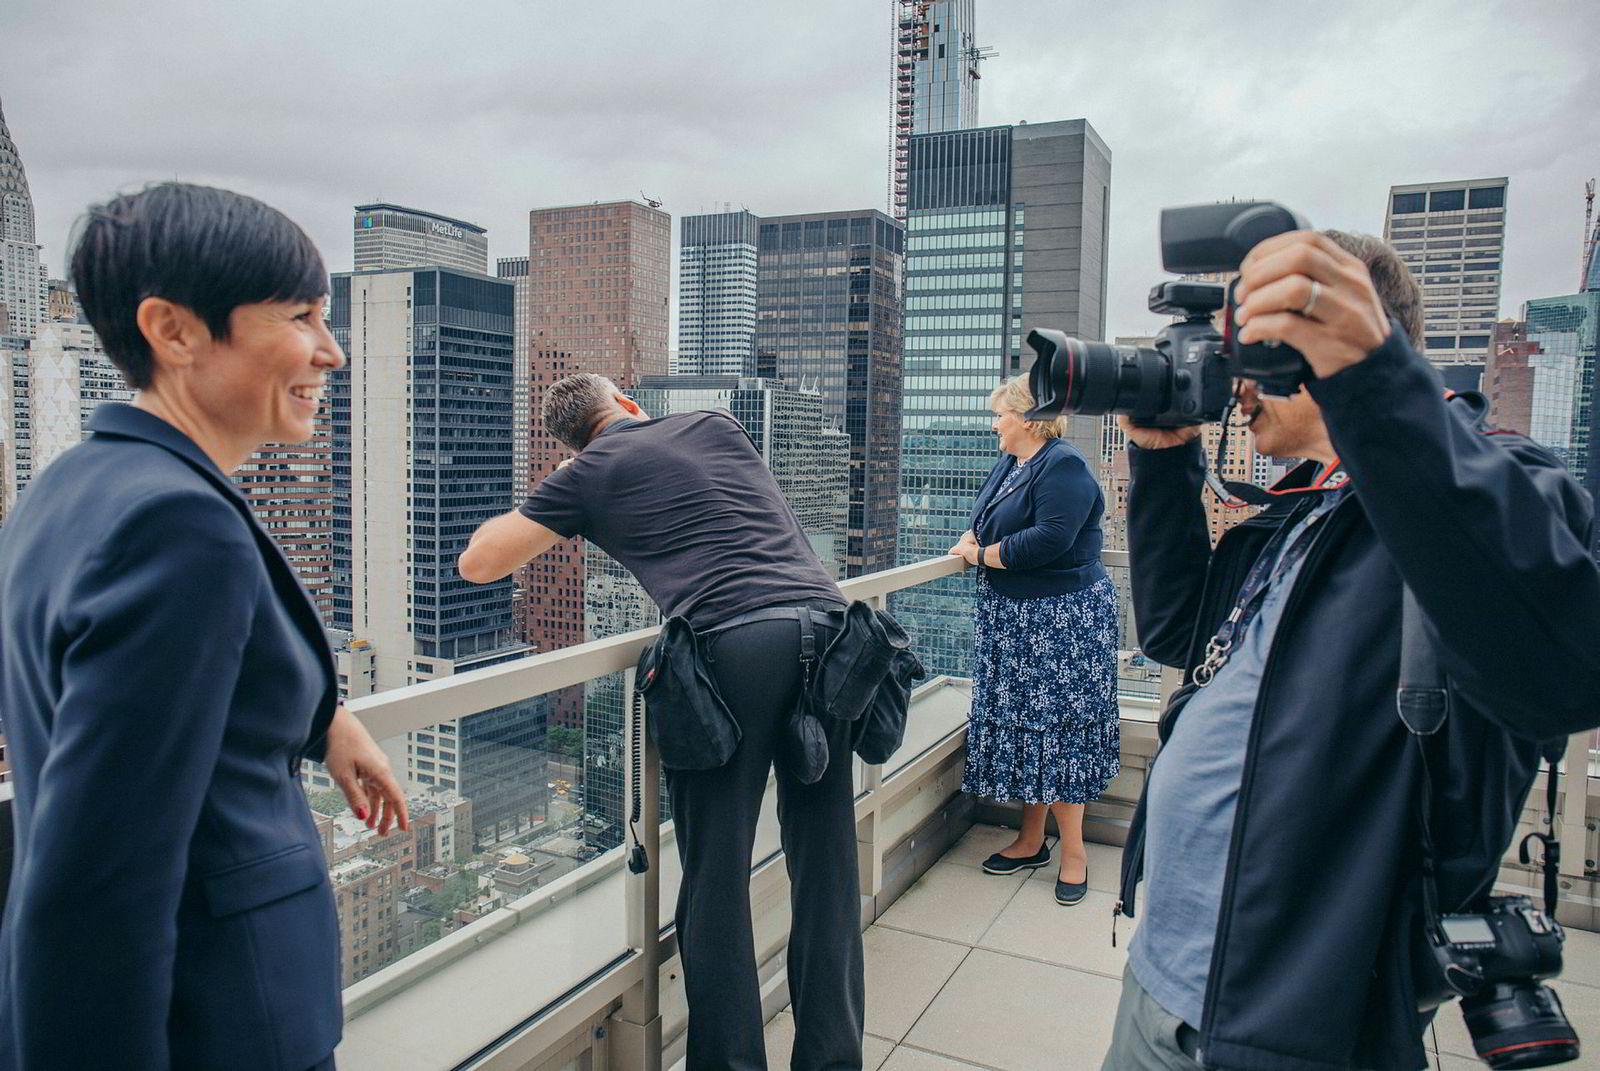 Utenriksminister Ine Eriksen Søreide (til venstre) og statsminister Erna Solberg (bak) møtte norsk presse i New York søndag. Søreide drar om få uker til den kanadiske byen Ottawa for et toppmøte om en reform i WTO. – Canada er blitt en nær partner i slike spørsmål, sier hun.